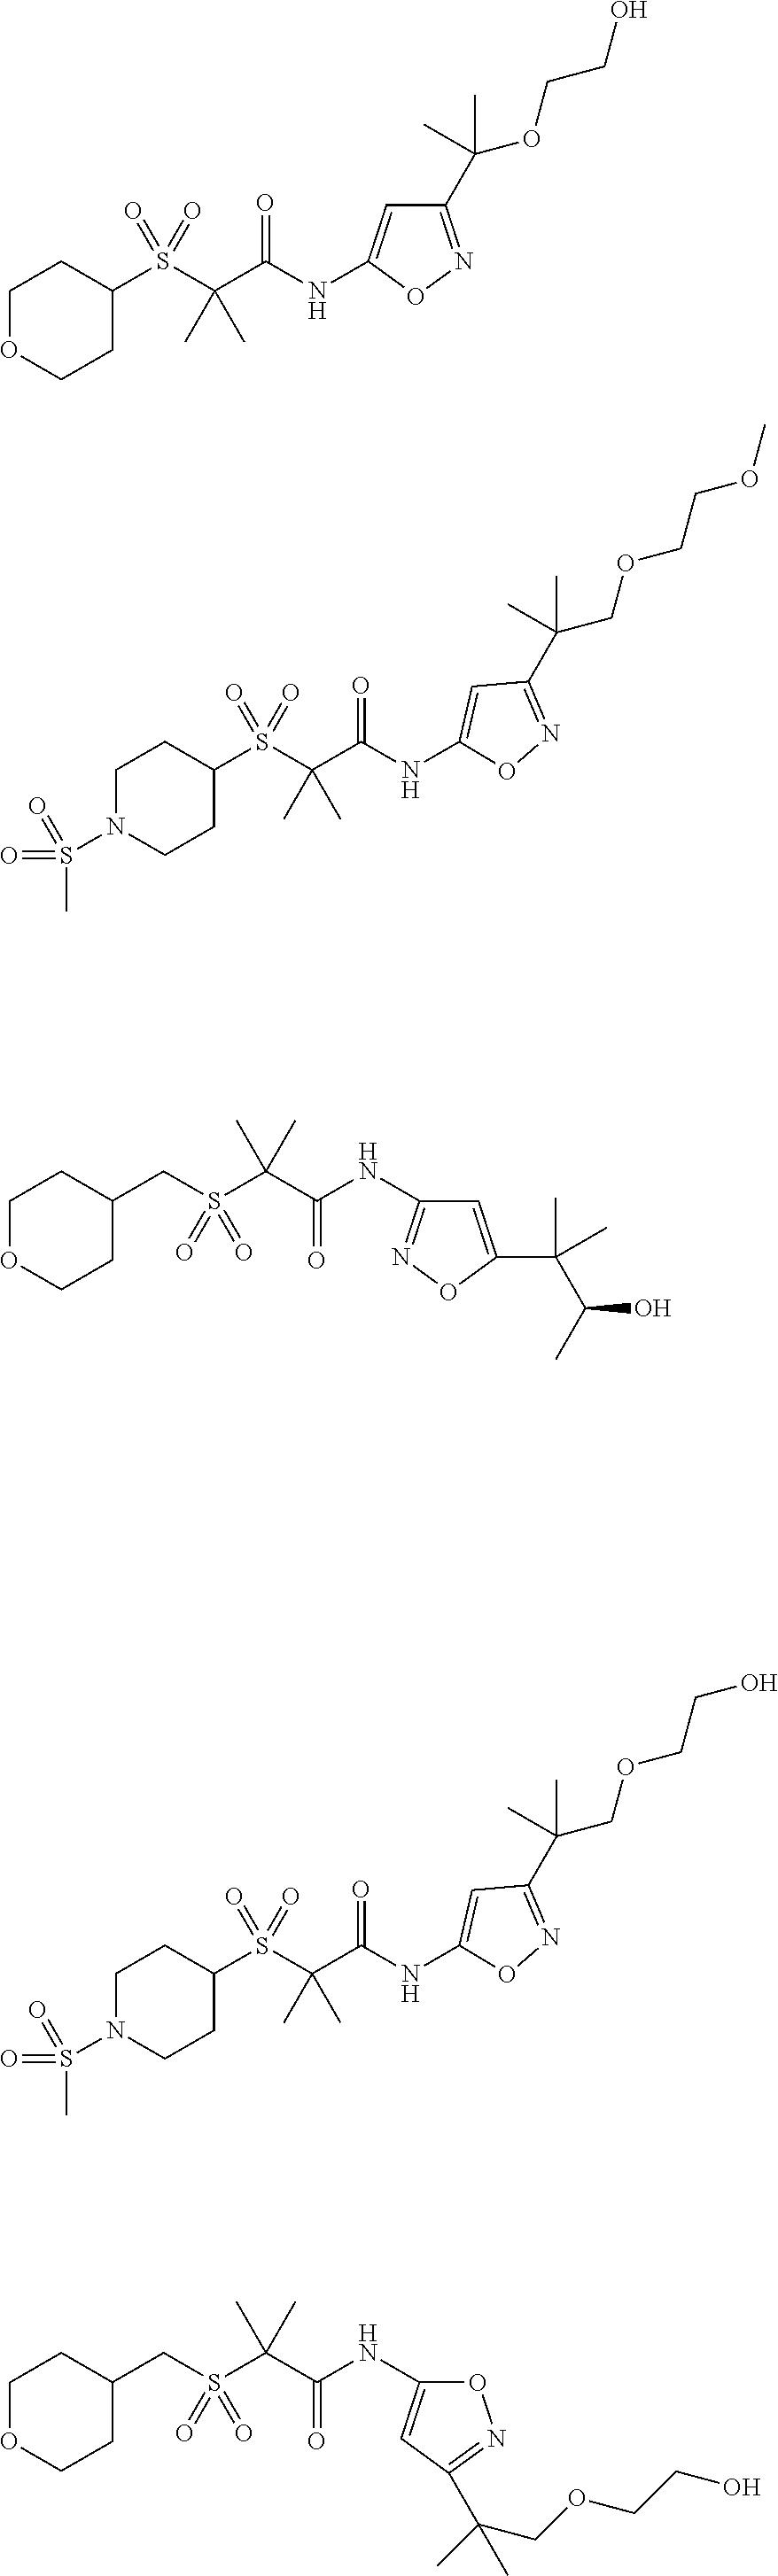 Figure US08372874-20130212-C00477